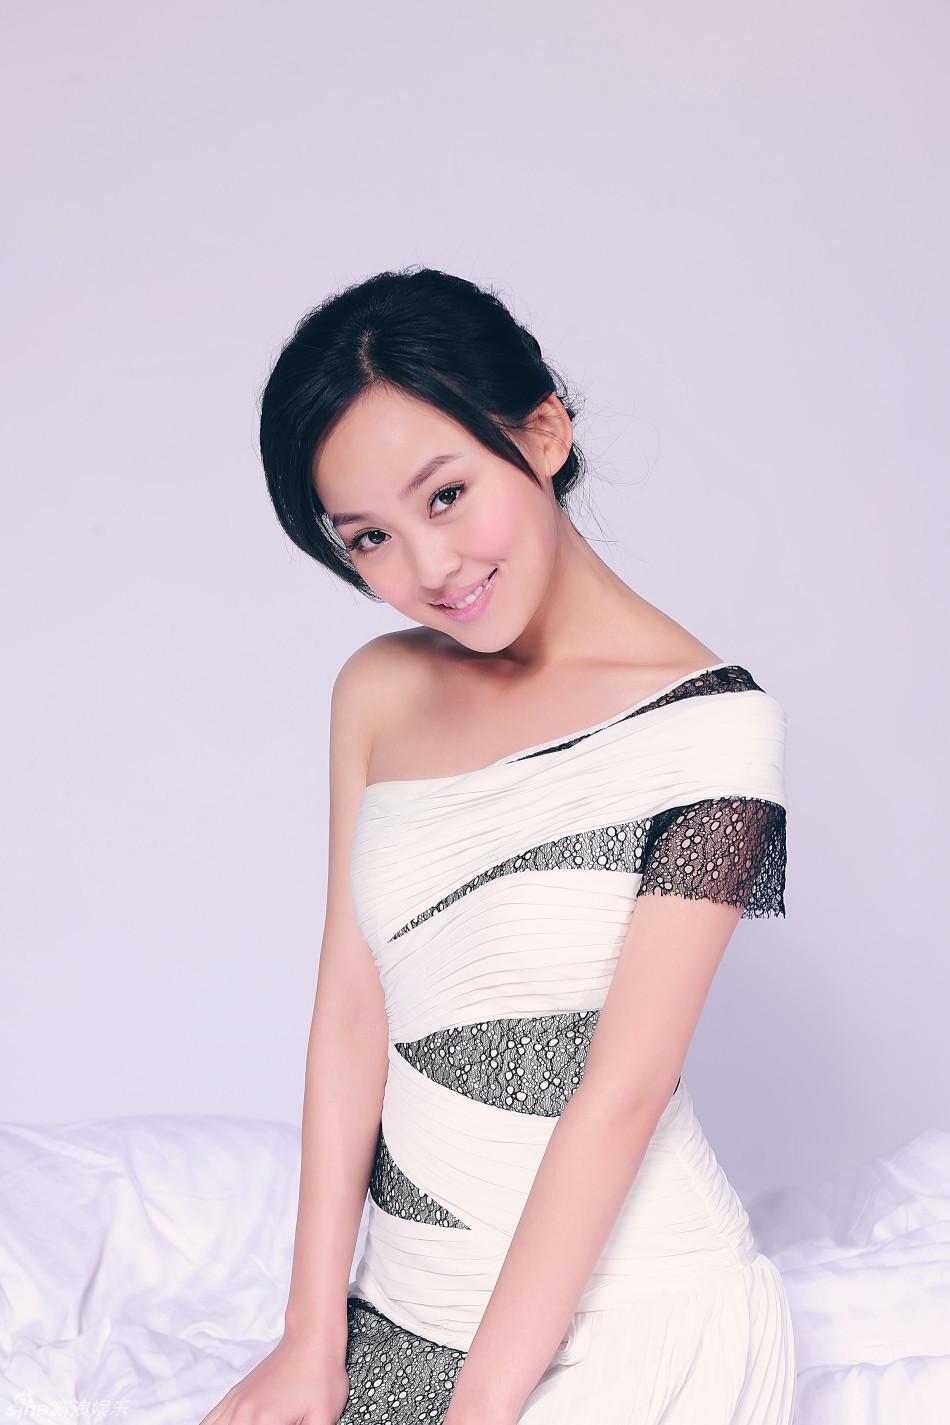 http://www.sinaimg.cn/dy/slidenews/4_img/2013_21/704_976866_113434.jpg